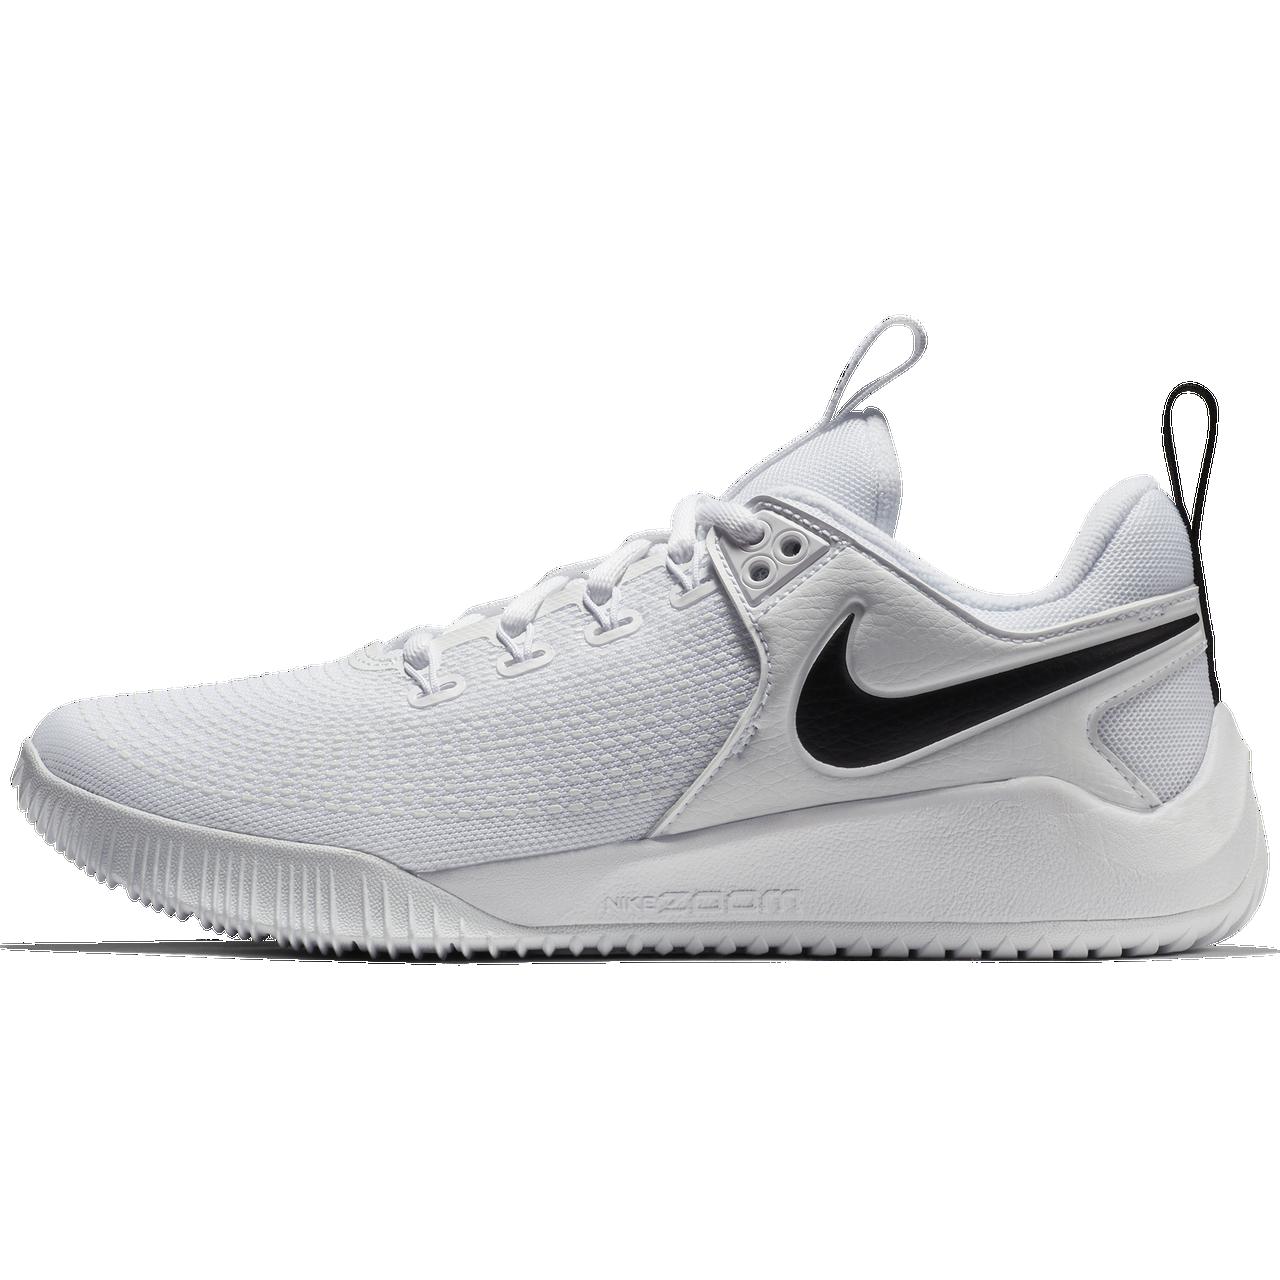 8225ba37d217 Nike Men s Zoom HyperAce 2 - White Black